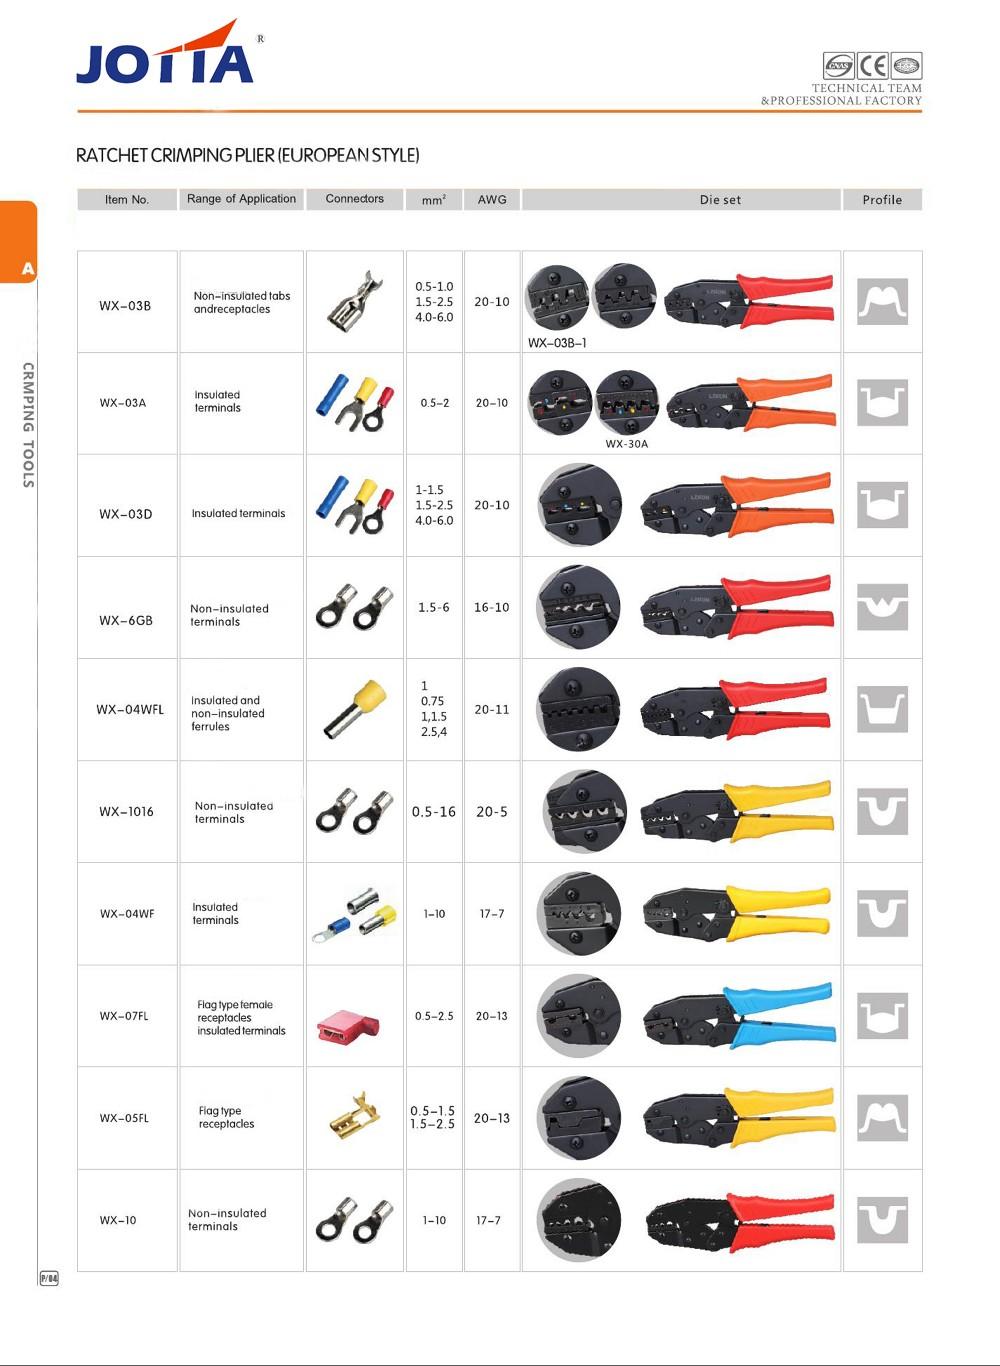 Ratchet Crimping Plier (Eur) 5A